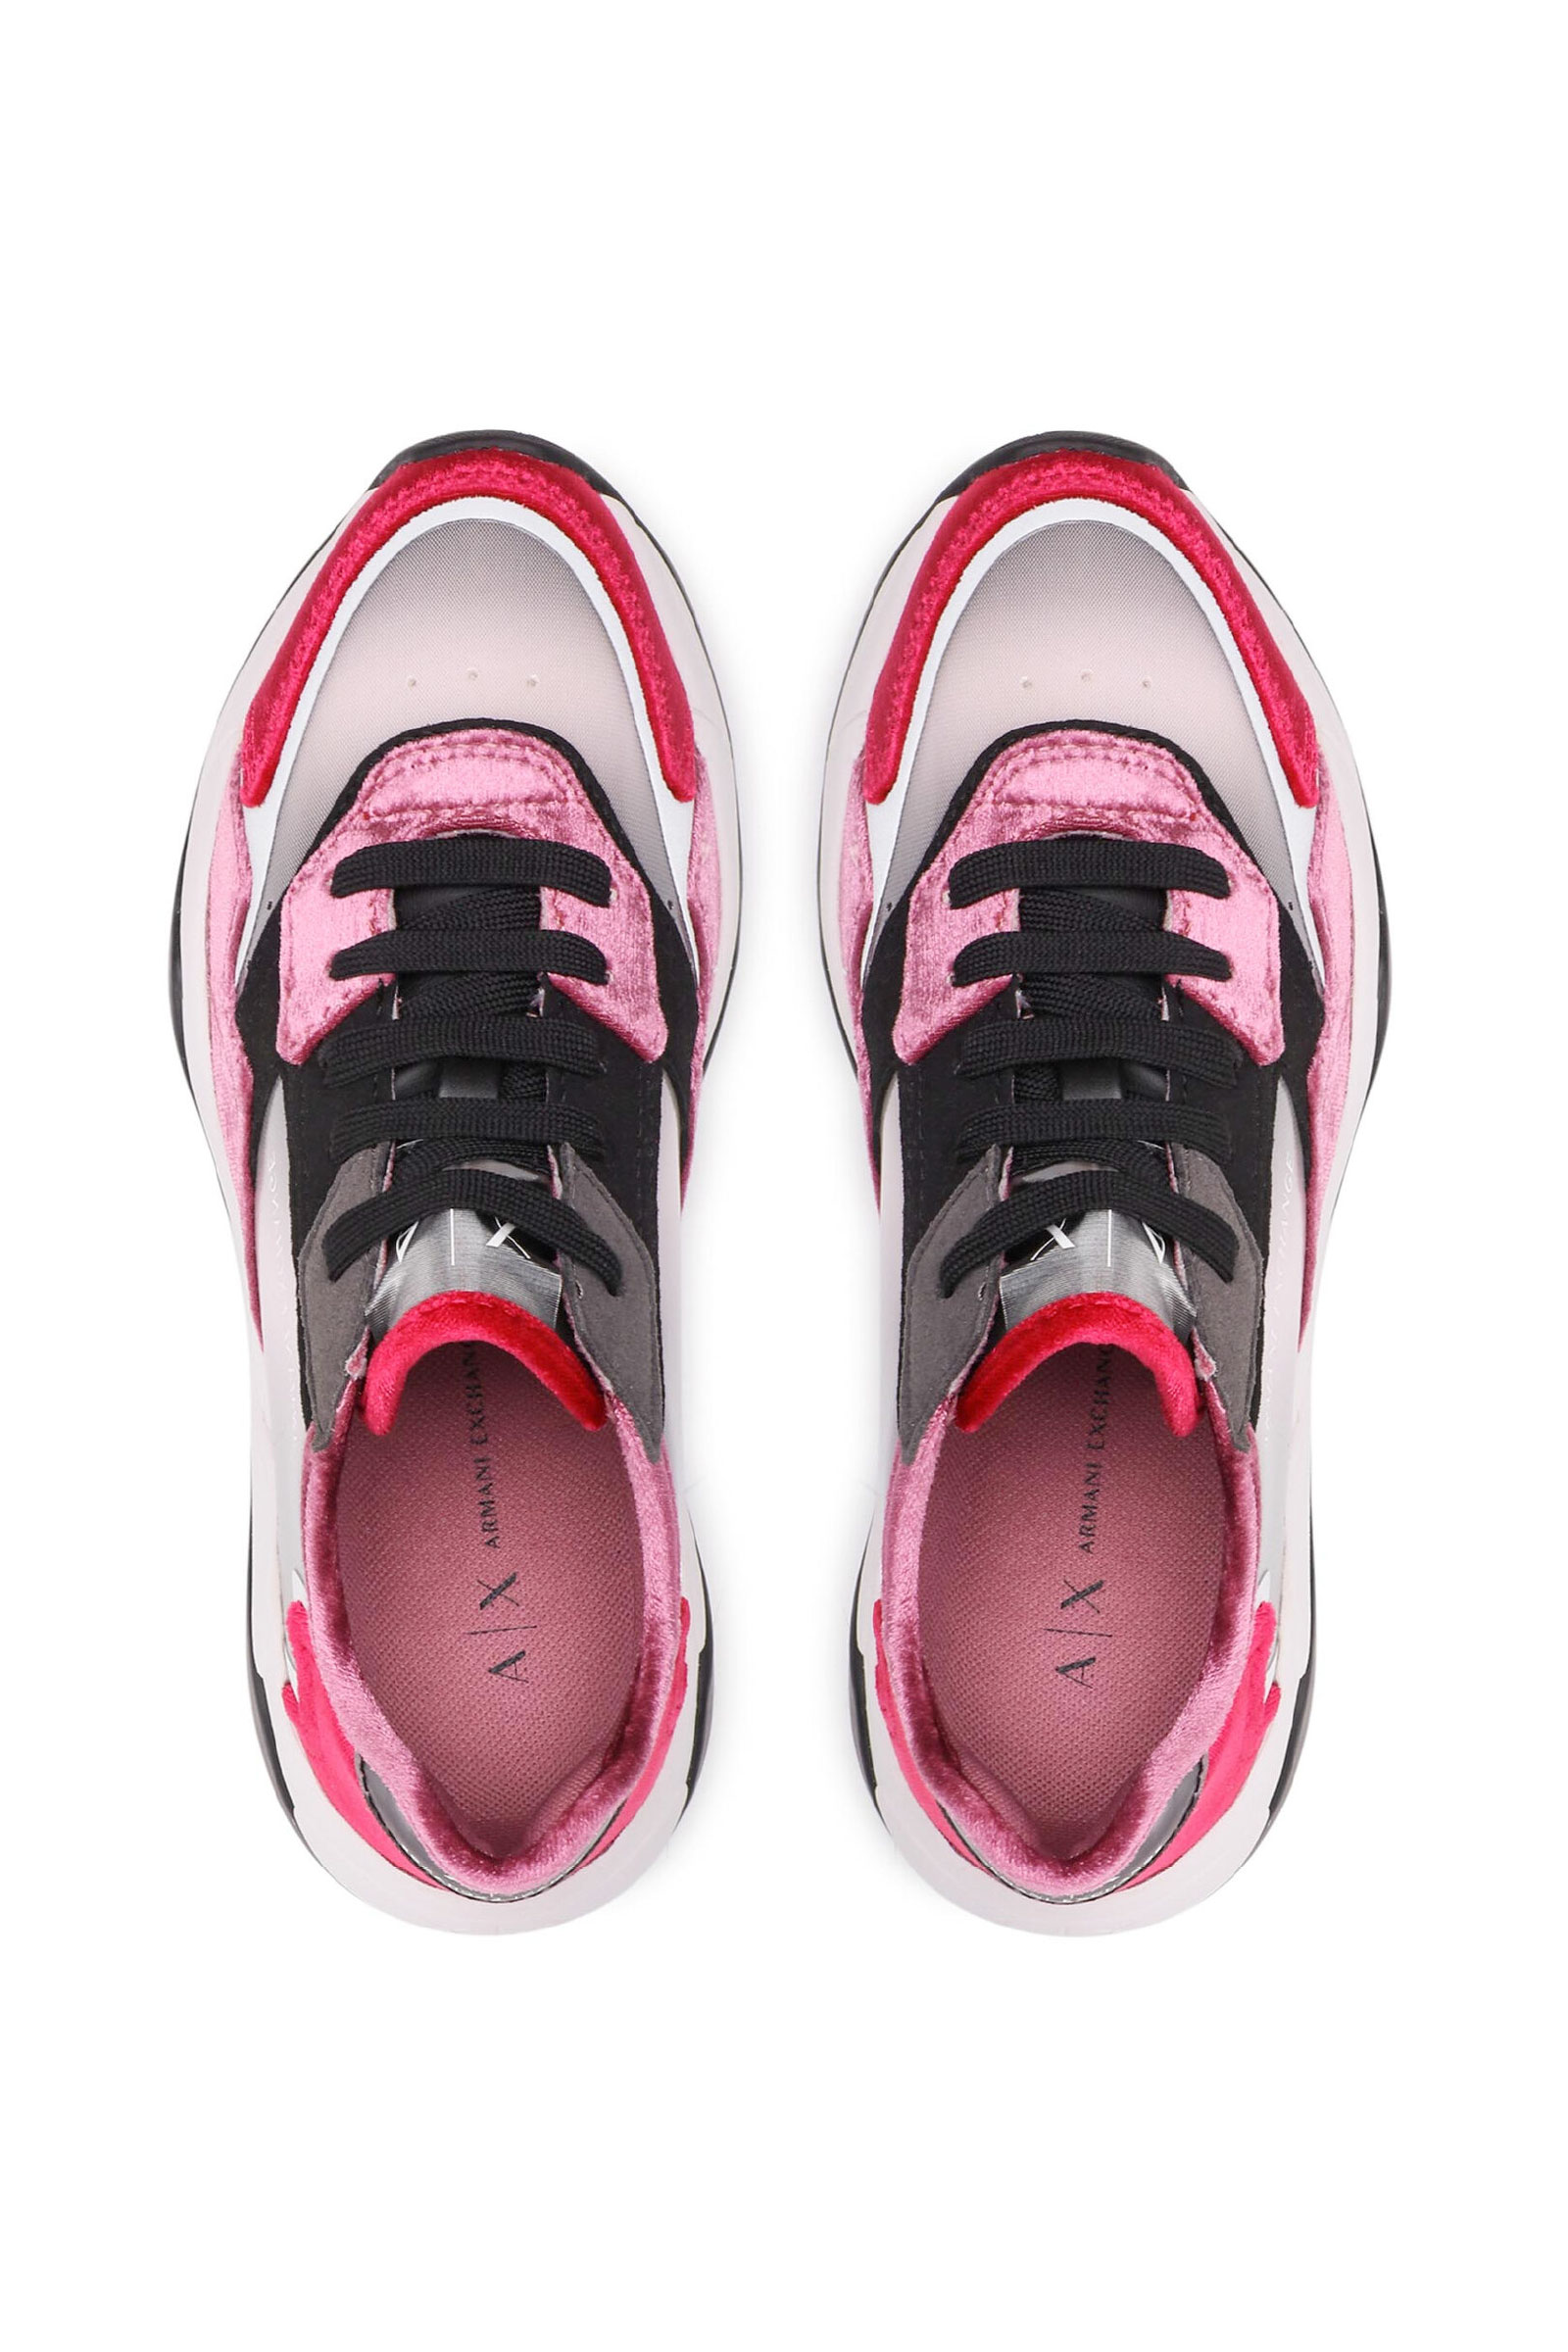 ARMANI EXCHANGE   Shoes   XDX064 XV370K654